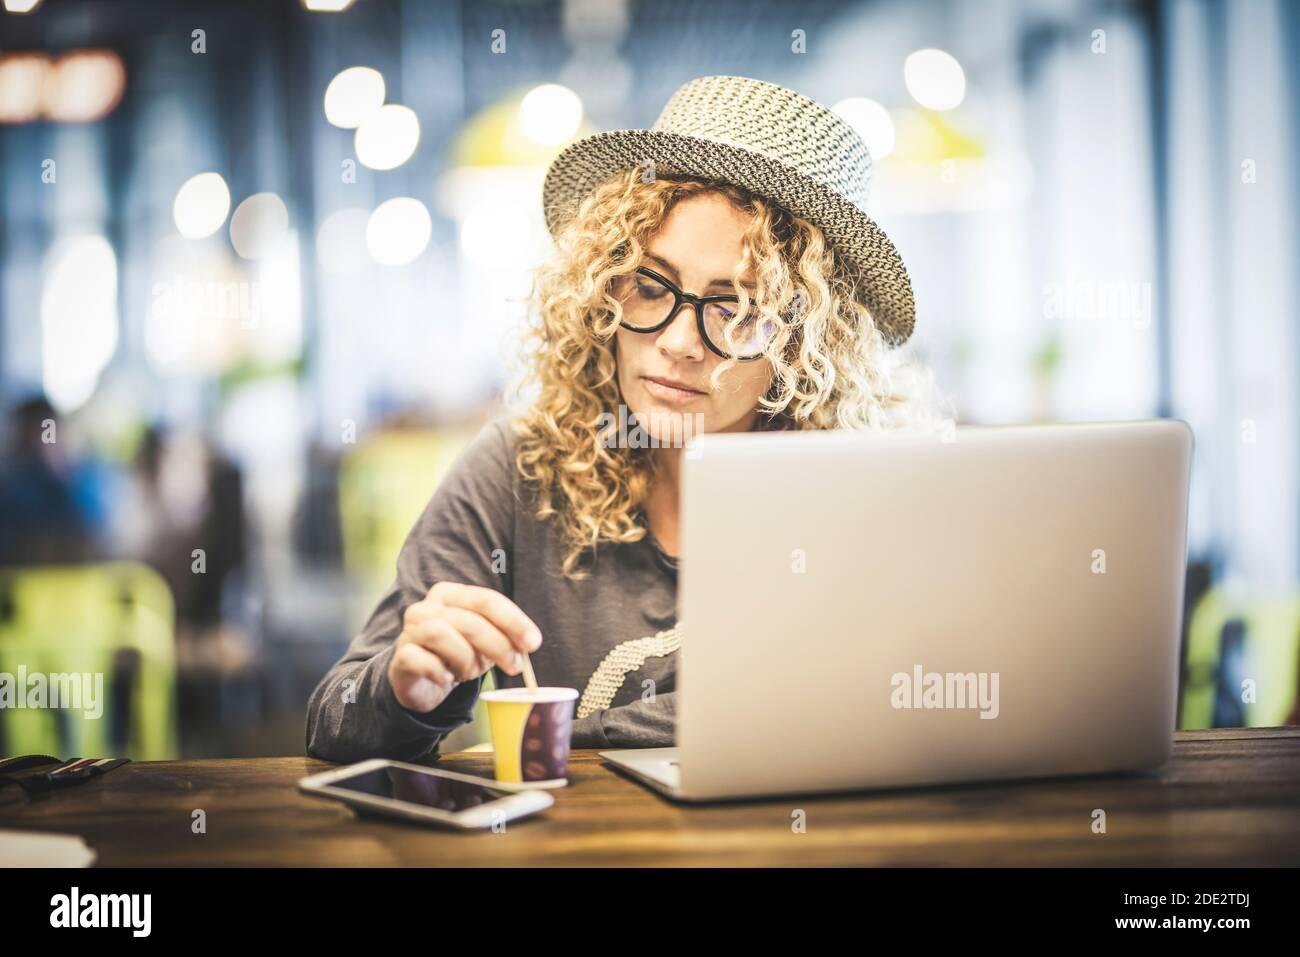 Belle jeune femme adulte au travail avec ordinateur portable coimputer dedans un café restaurant à l'aéroport en attente de son vol pour voyager - numérique nomade et mod Banque D'Images